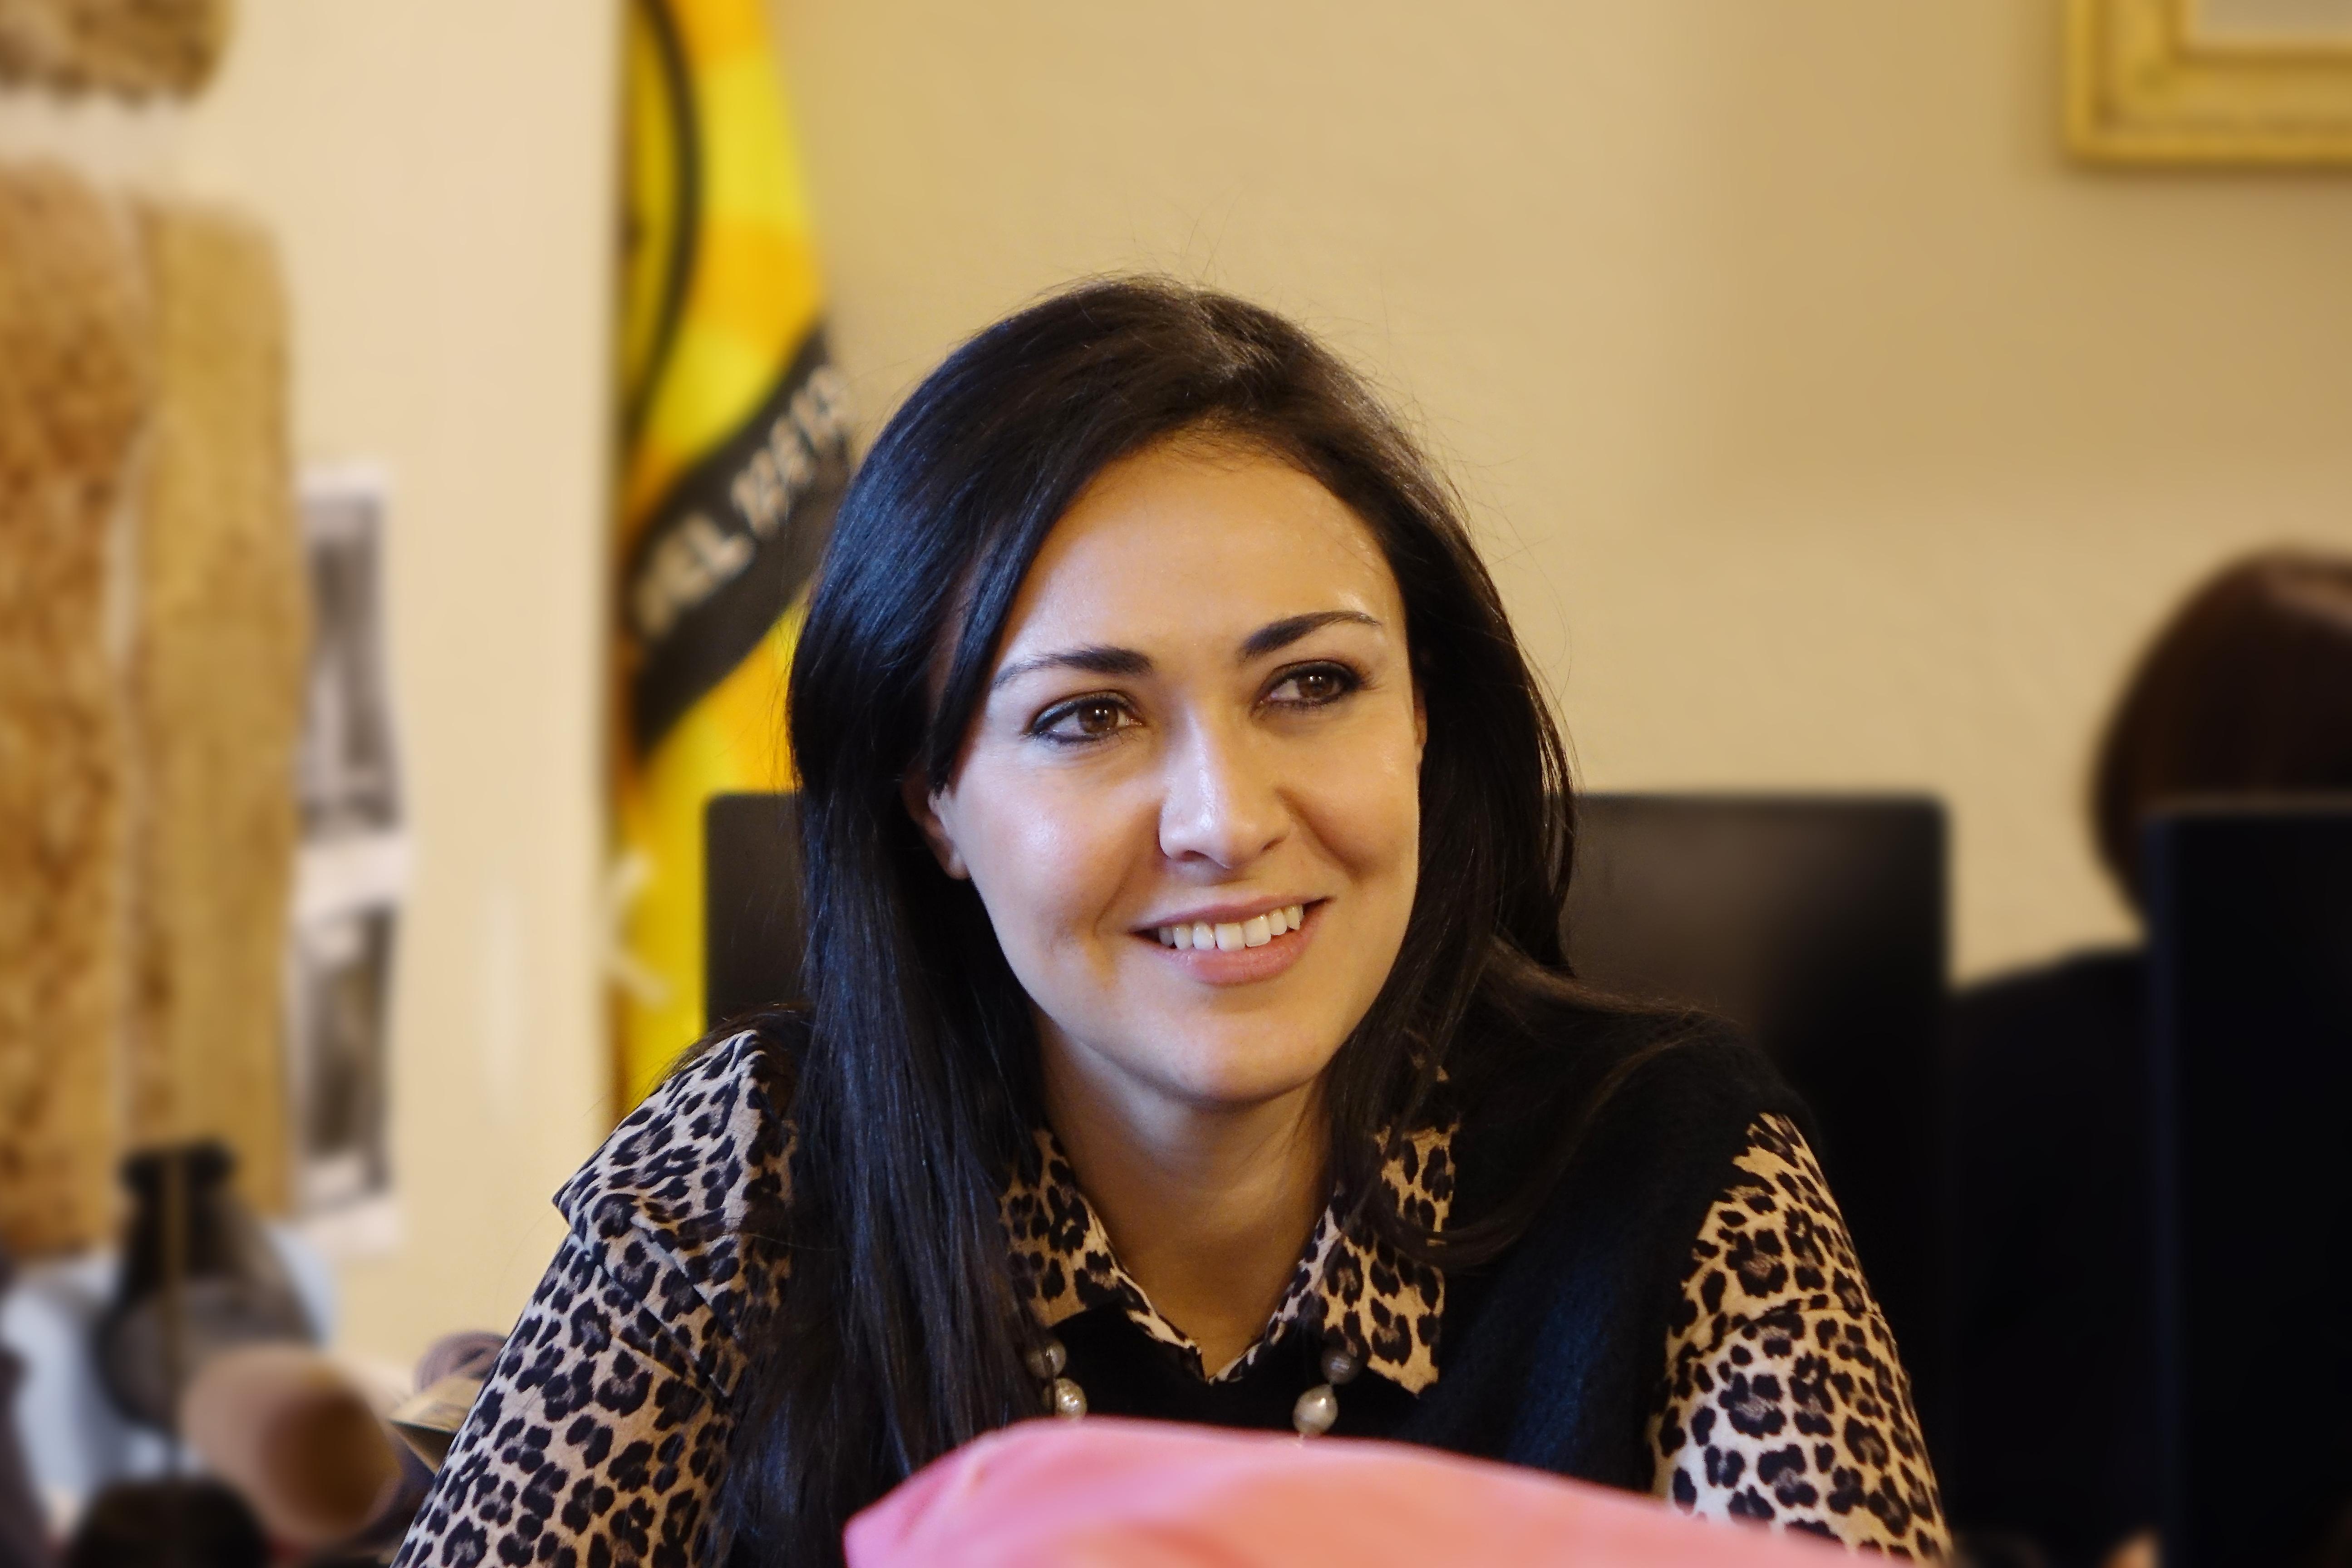 Sicilia: M5S, Governo al lavoro da 8 mesi, bilancio disastroso